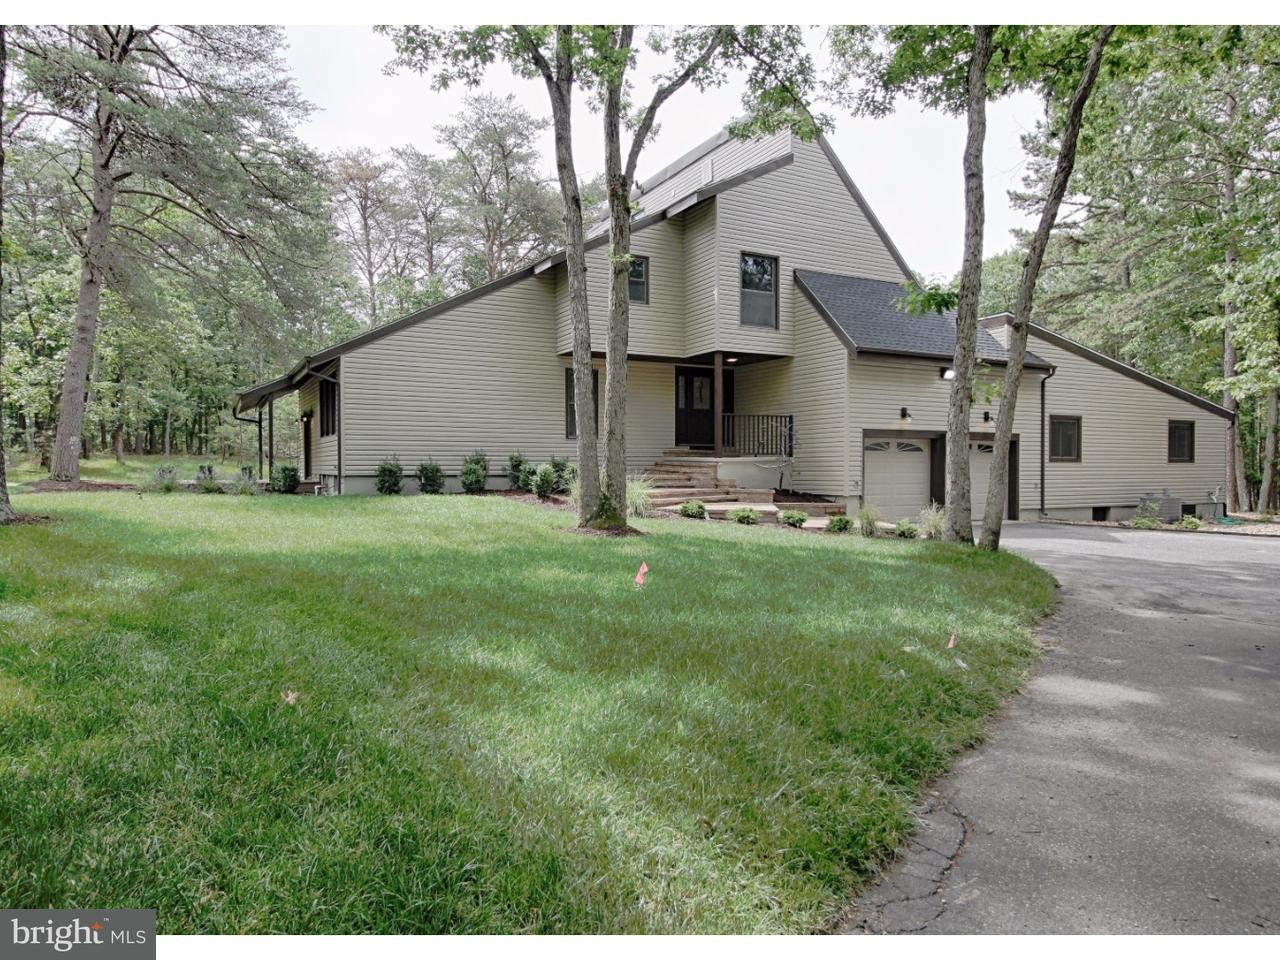 Частный односемейный дом для того Продажа на 658 TABERNACLE Road Medford, Нью-Джерси 08055 Соединенные Штаты